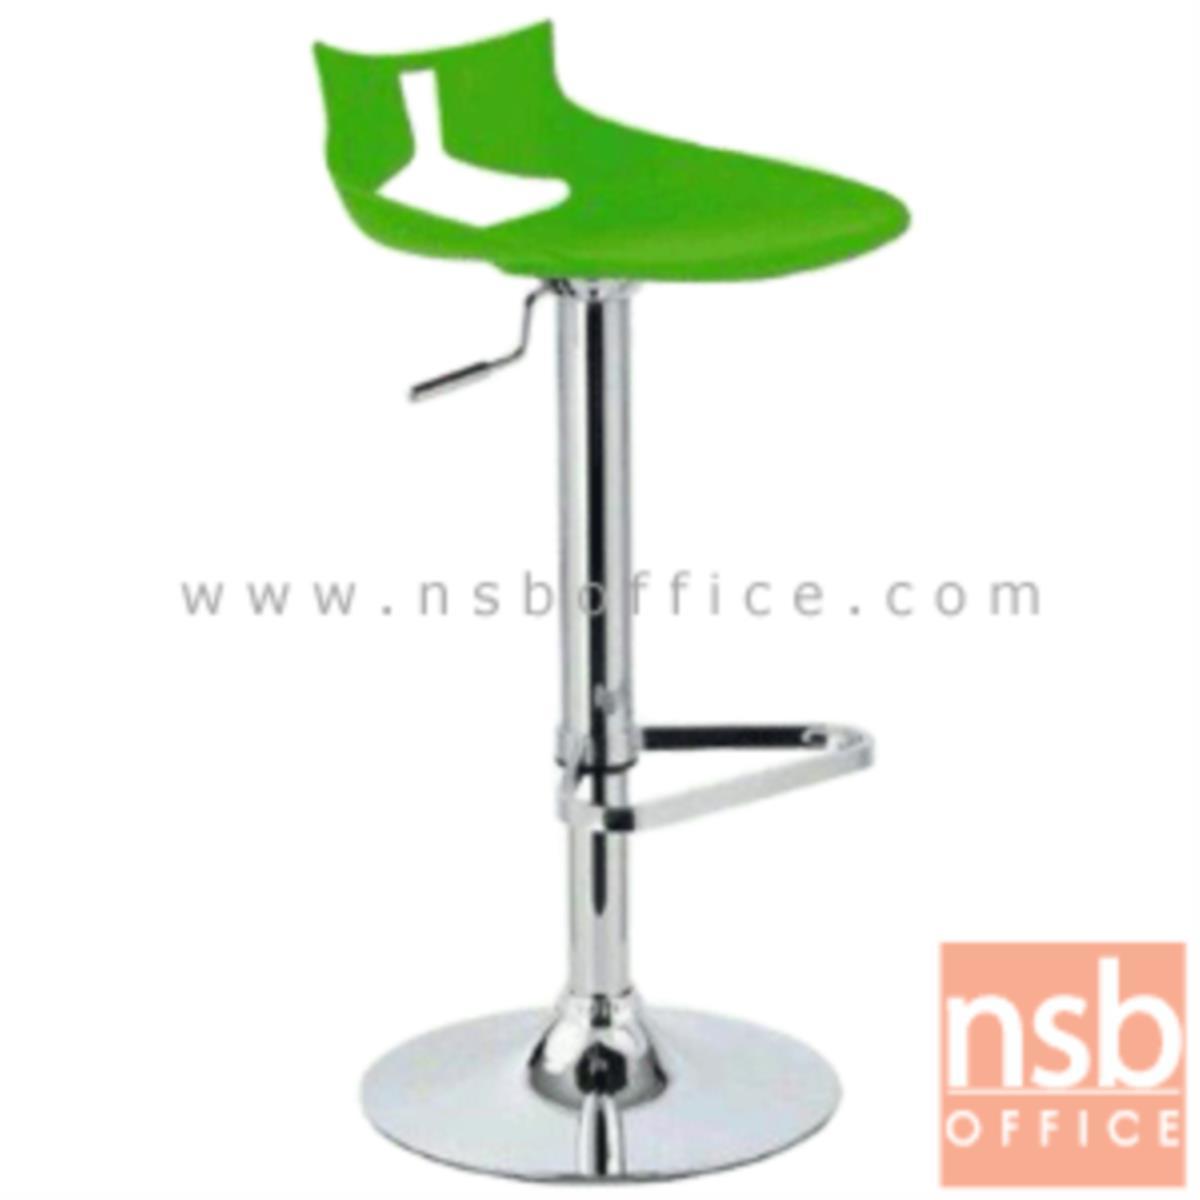 B09A141:เก้าอี้บาร์สูงพลาสติก(PP) รุ่น Casos (คาซอส) ขนาด 41W cm. โช๊คแก๊ส ขาโครเมี่ยมฐานจานกลม (สต็อกสีขาว 2 ตัว)